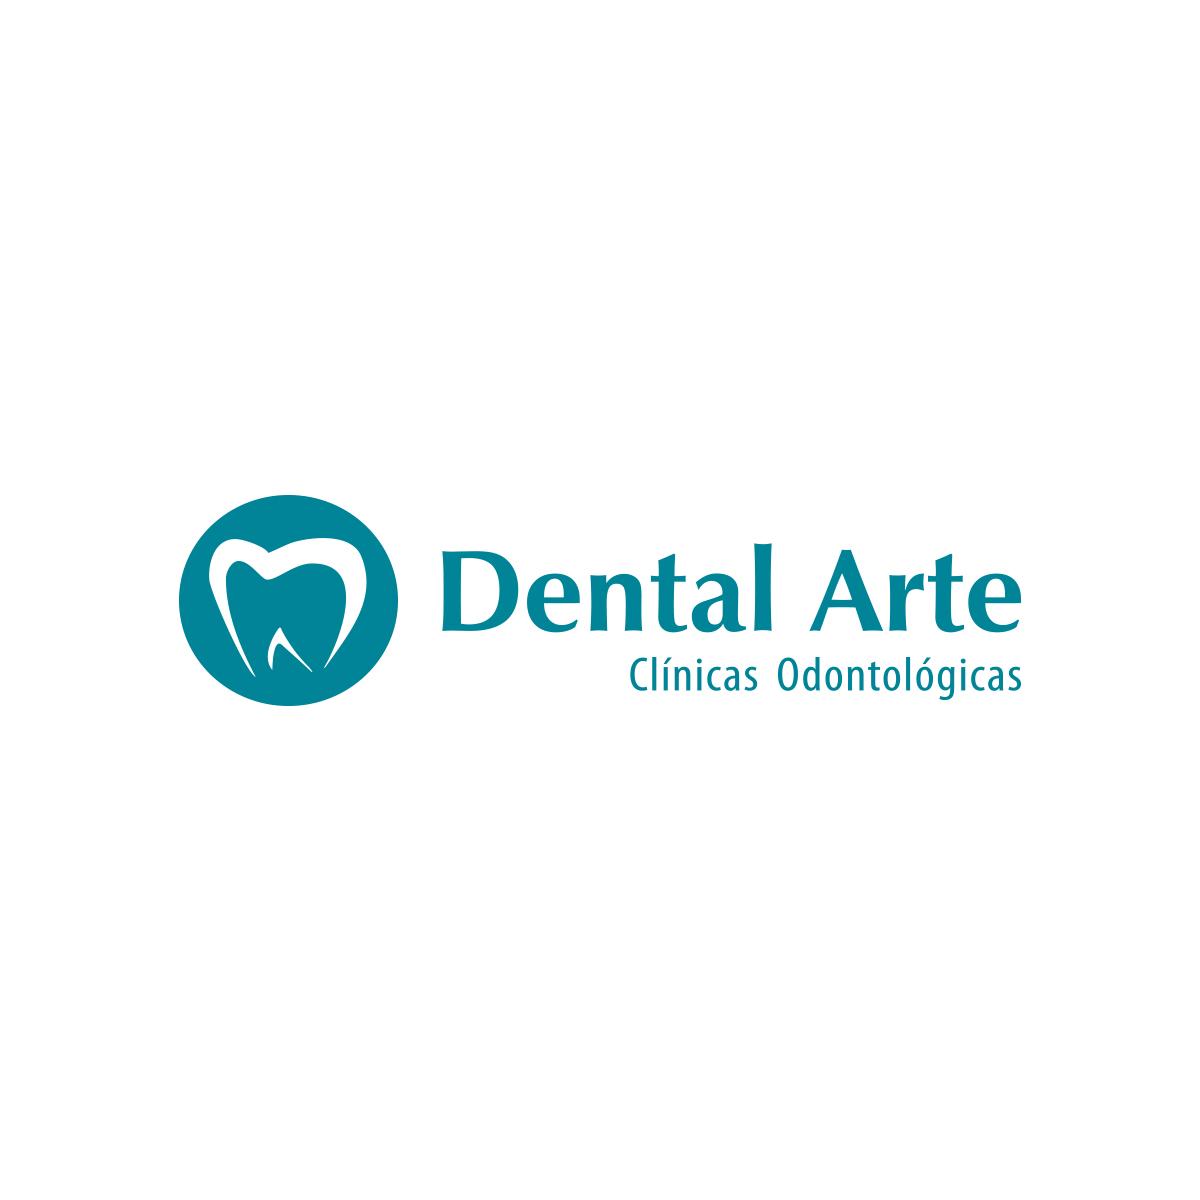 Dental Arte